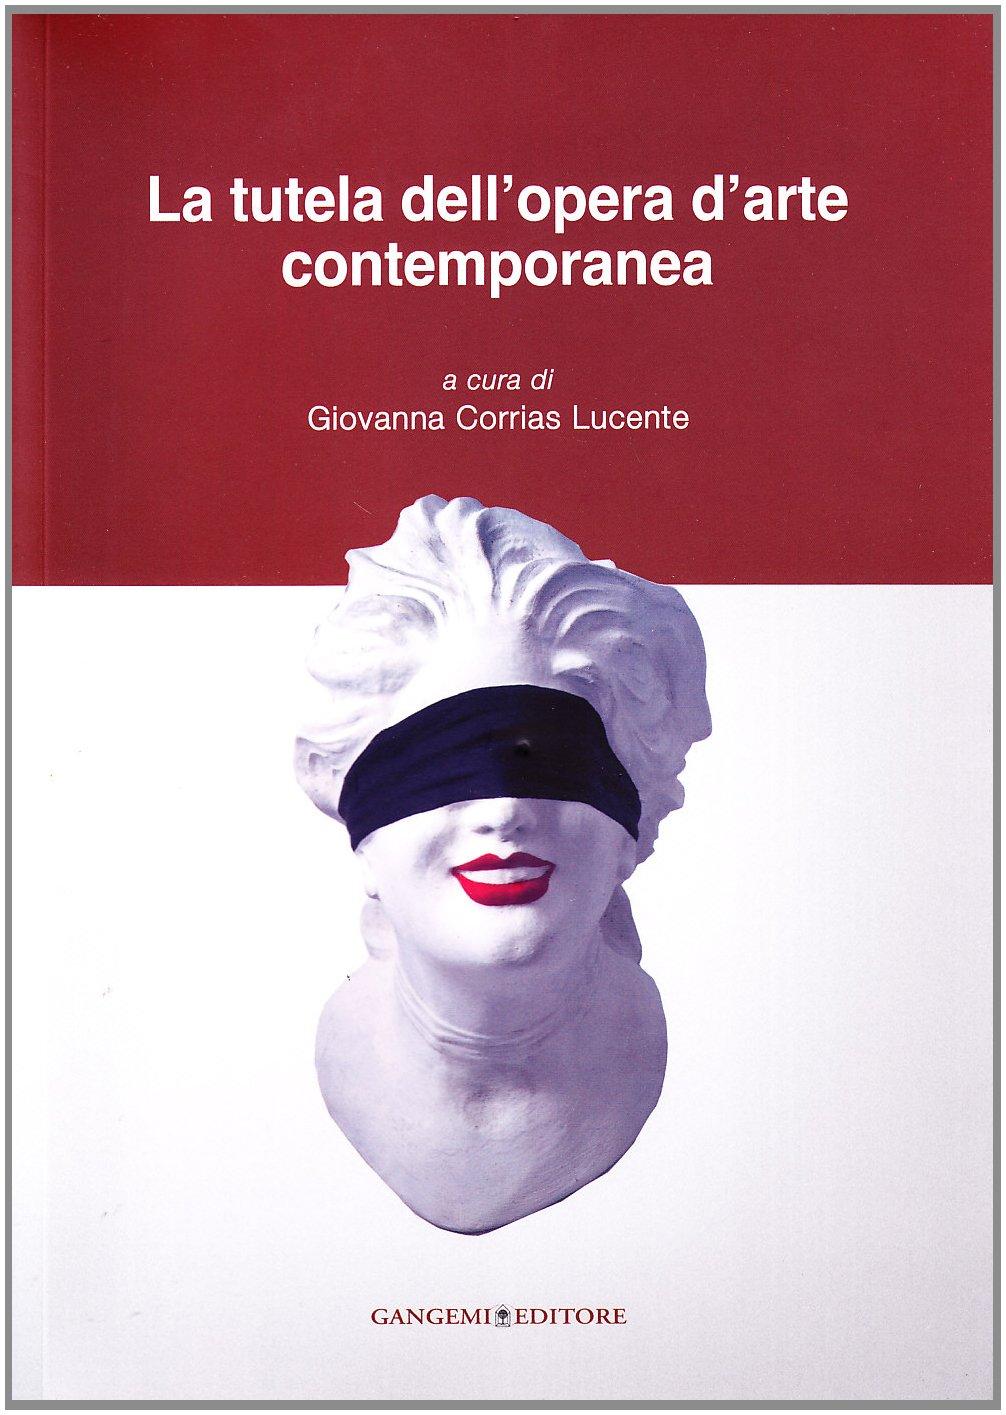 Un libro sulla tutela dell'opera d'arte contemporanea